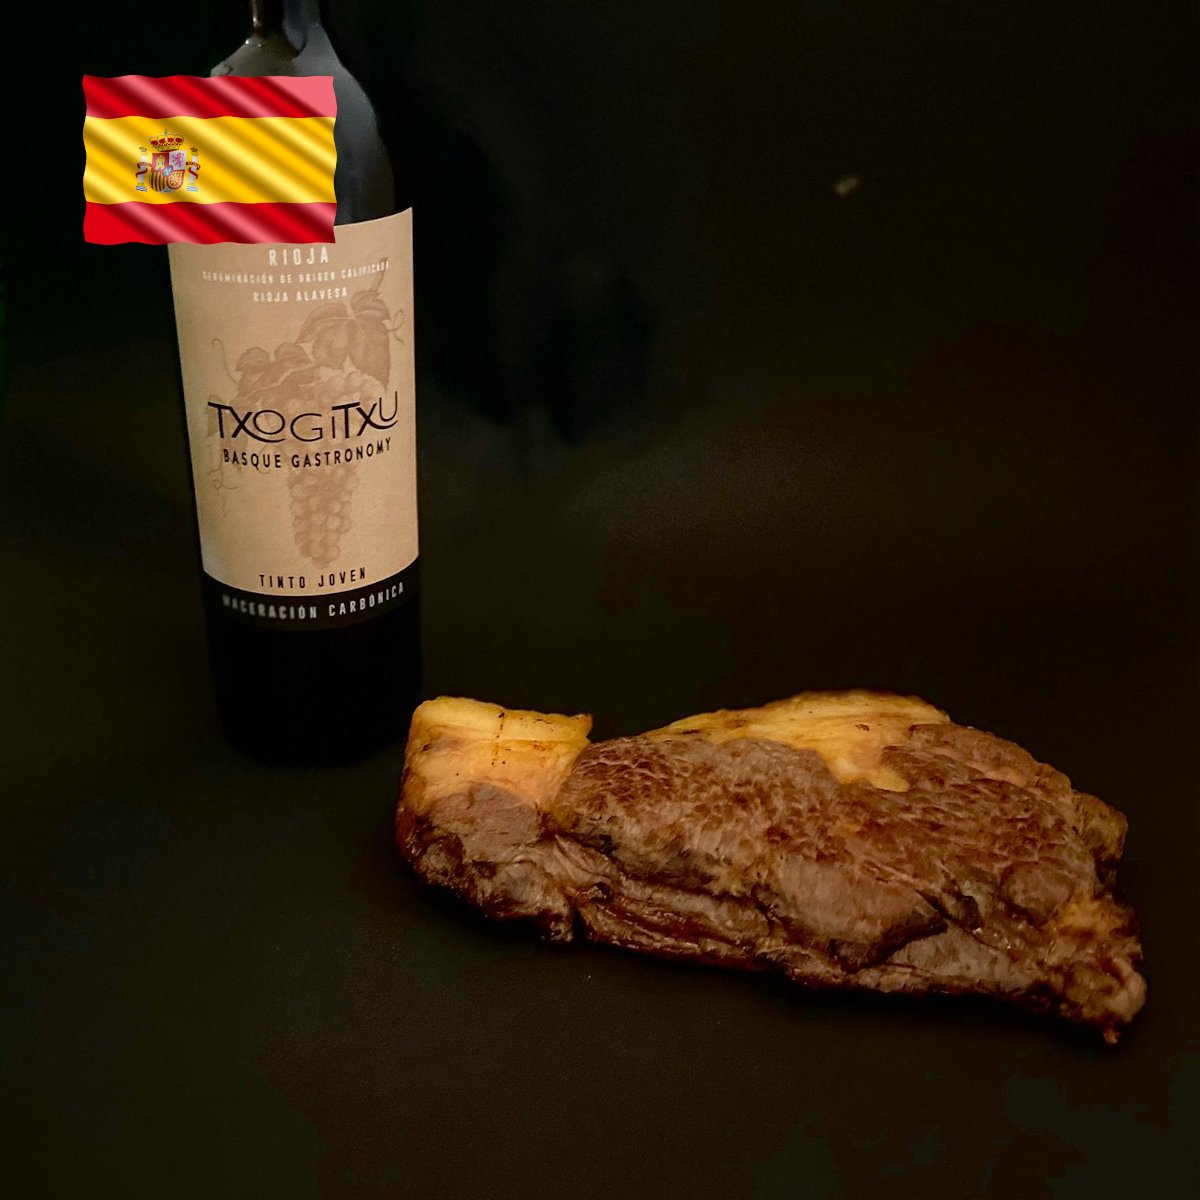 Txogitxu Roastbeef Steak fertig gegart - lecker!